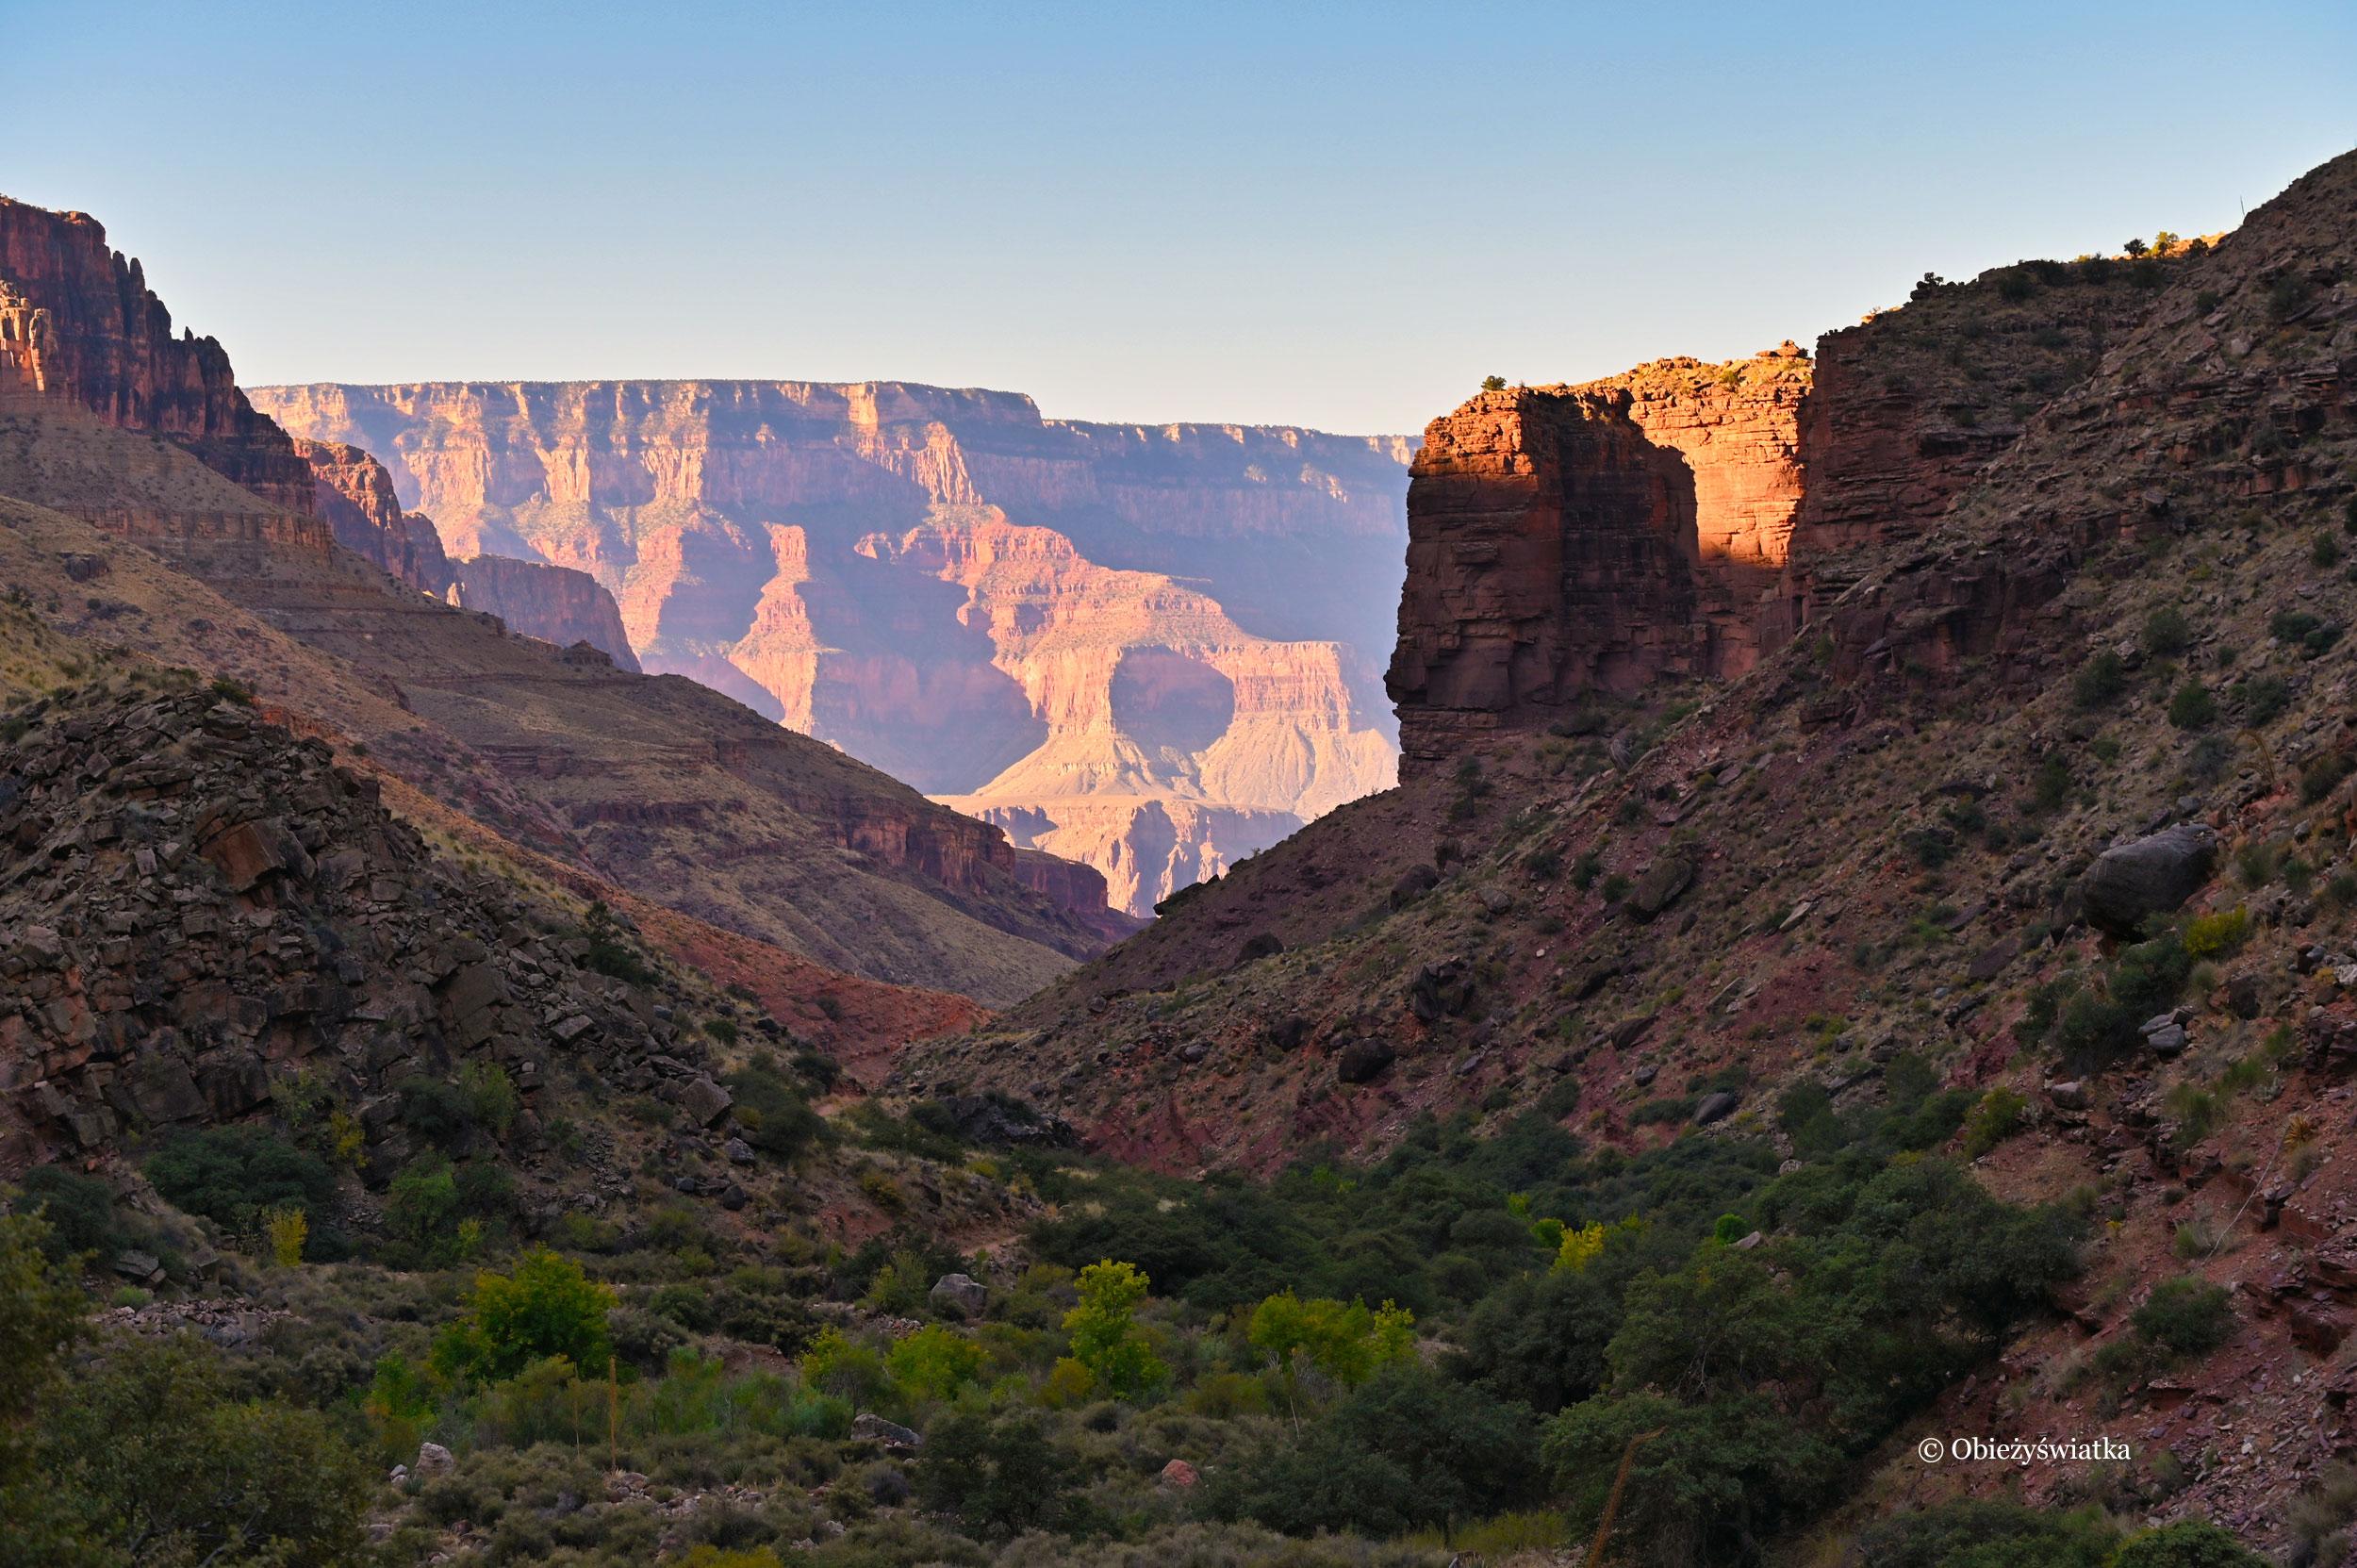 Wschód słońca w Wielkim Kanionie, Arizona, widok ze szlaku North Kaibab Trail